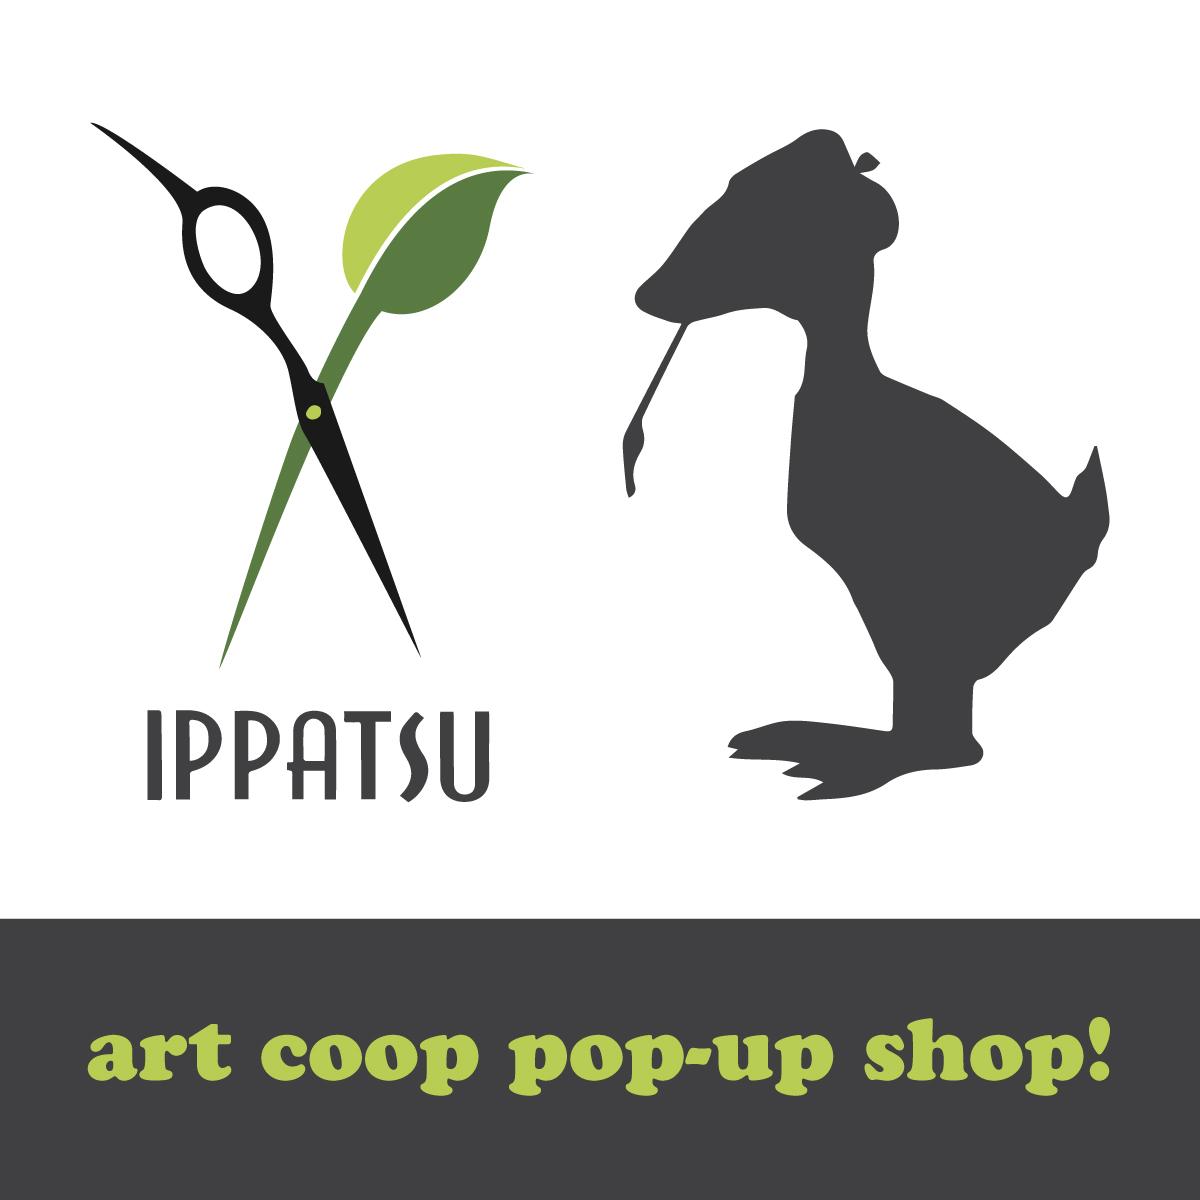 Ippatsu Pop-Up Shop Kit #5